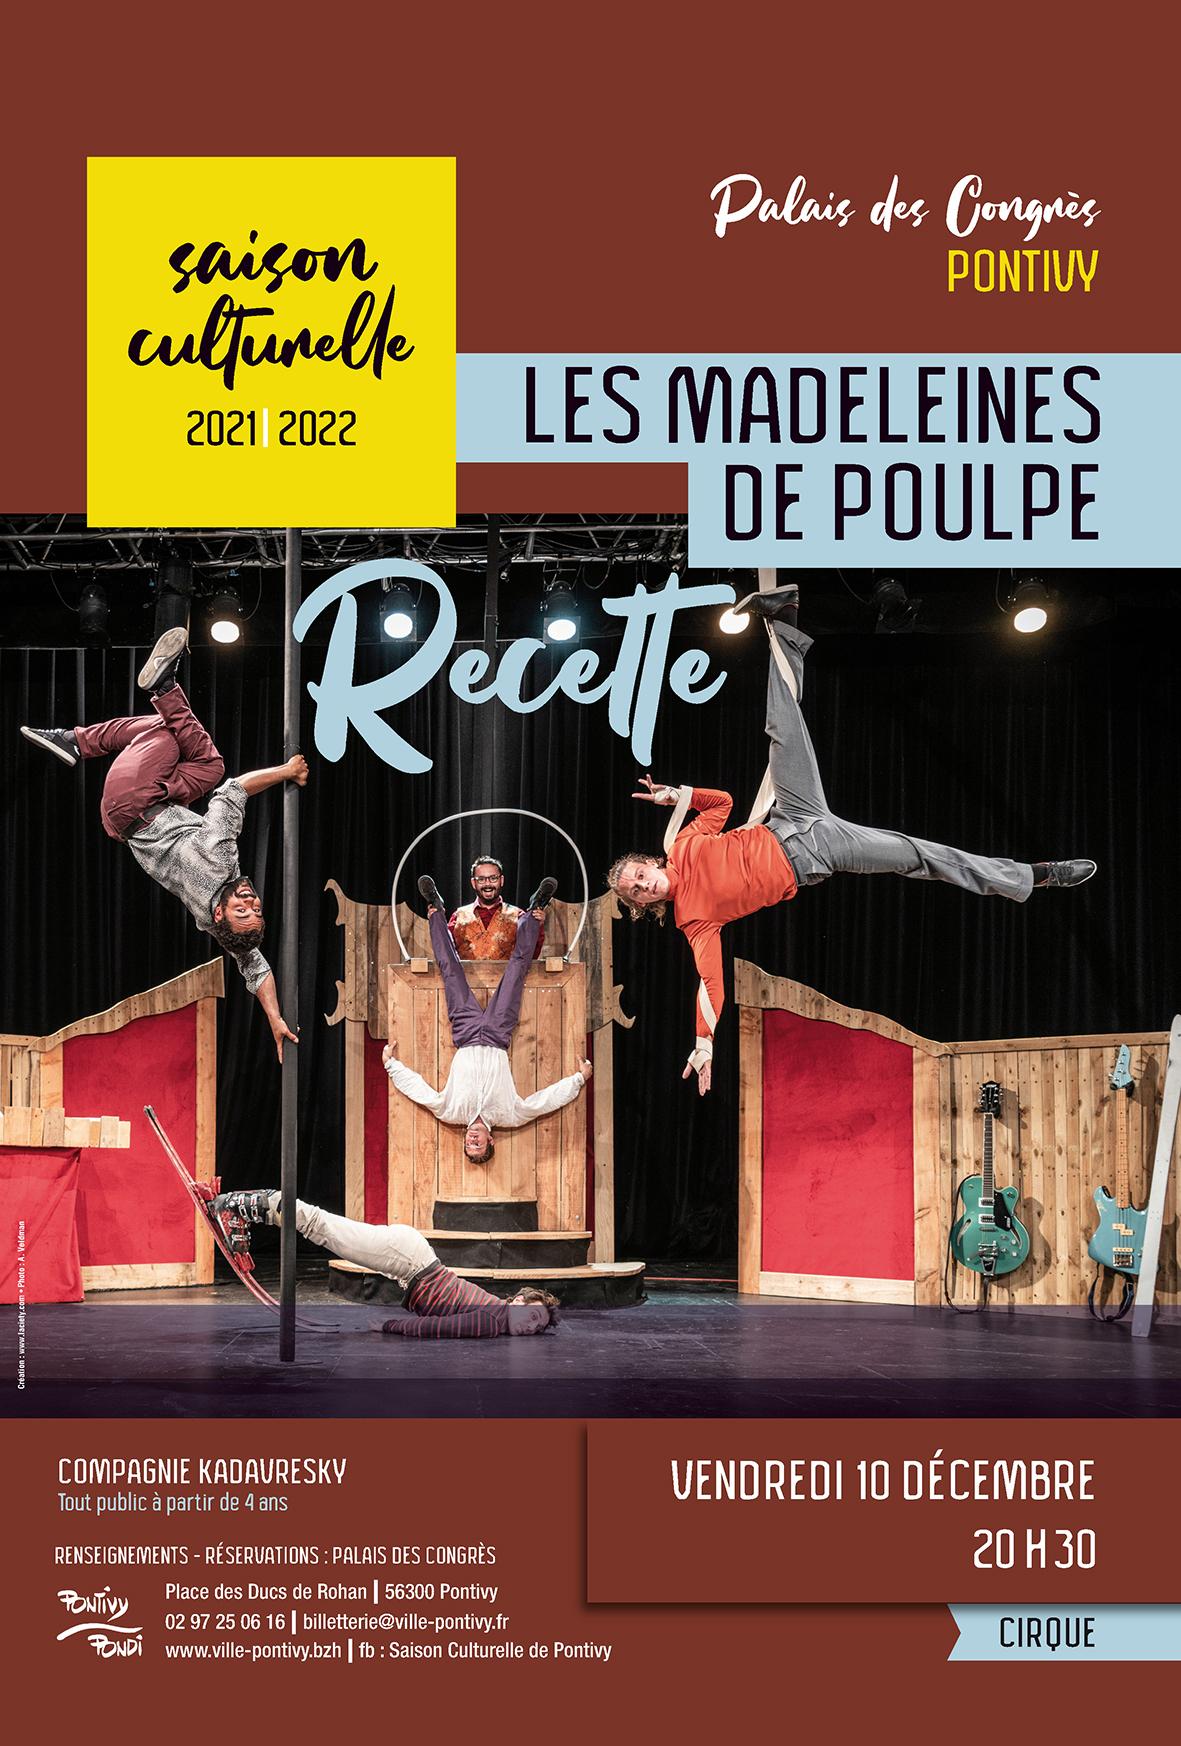 Cirque : Les Madeleines de Poulpe par la compagnie Kadavresky